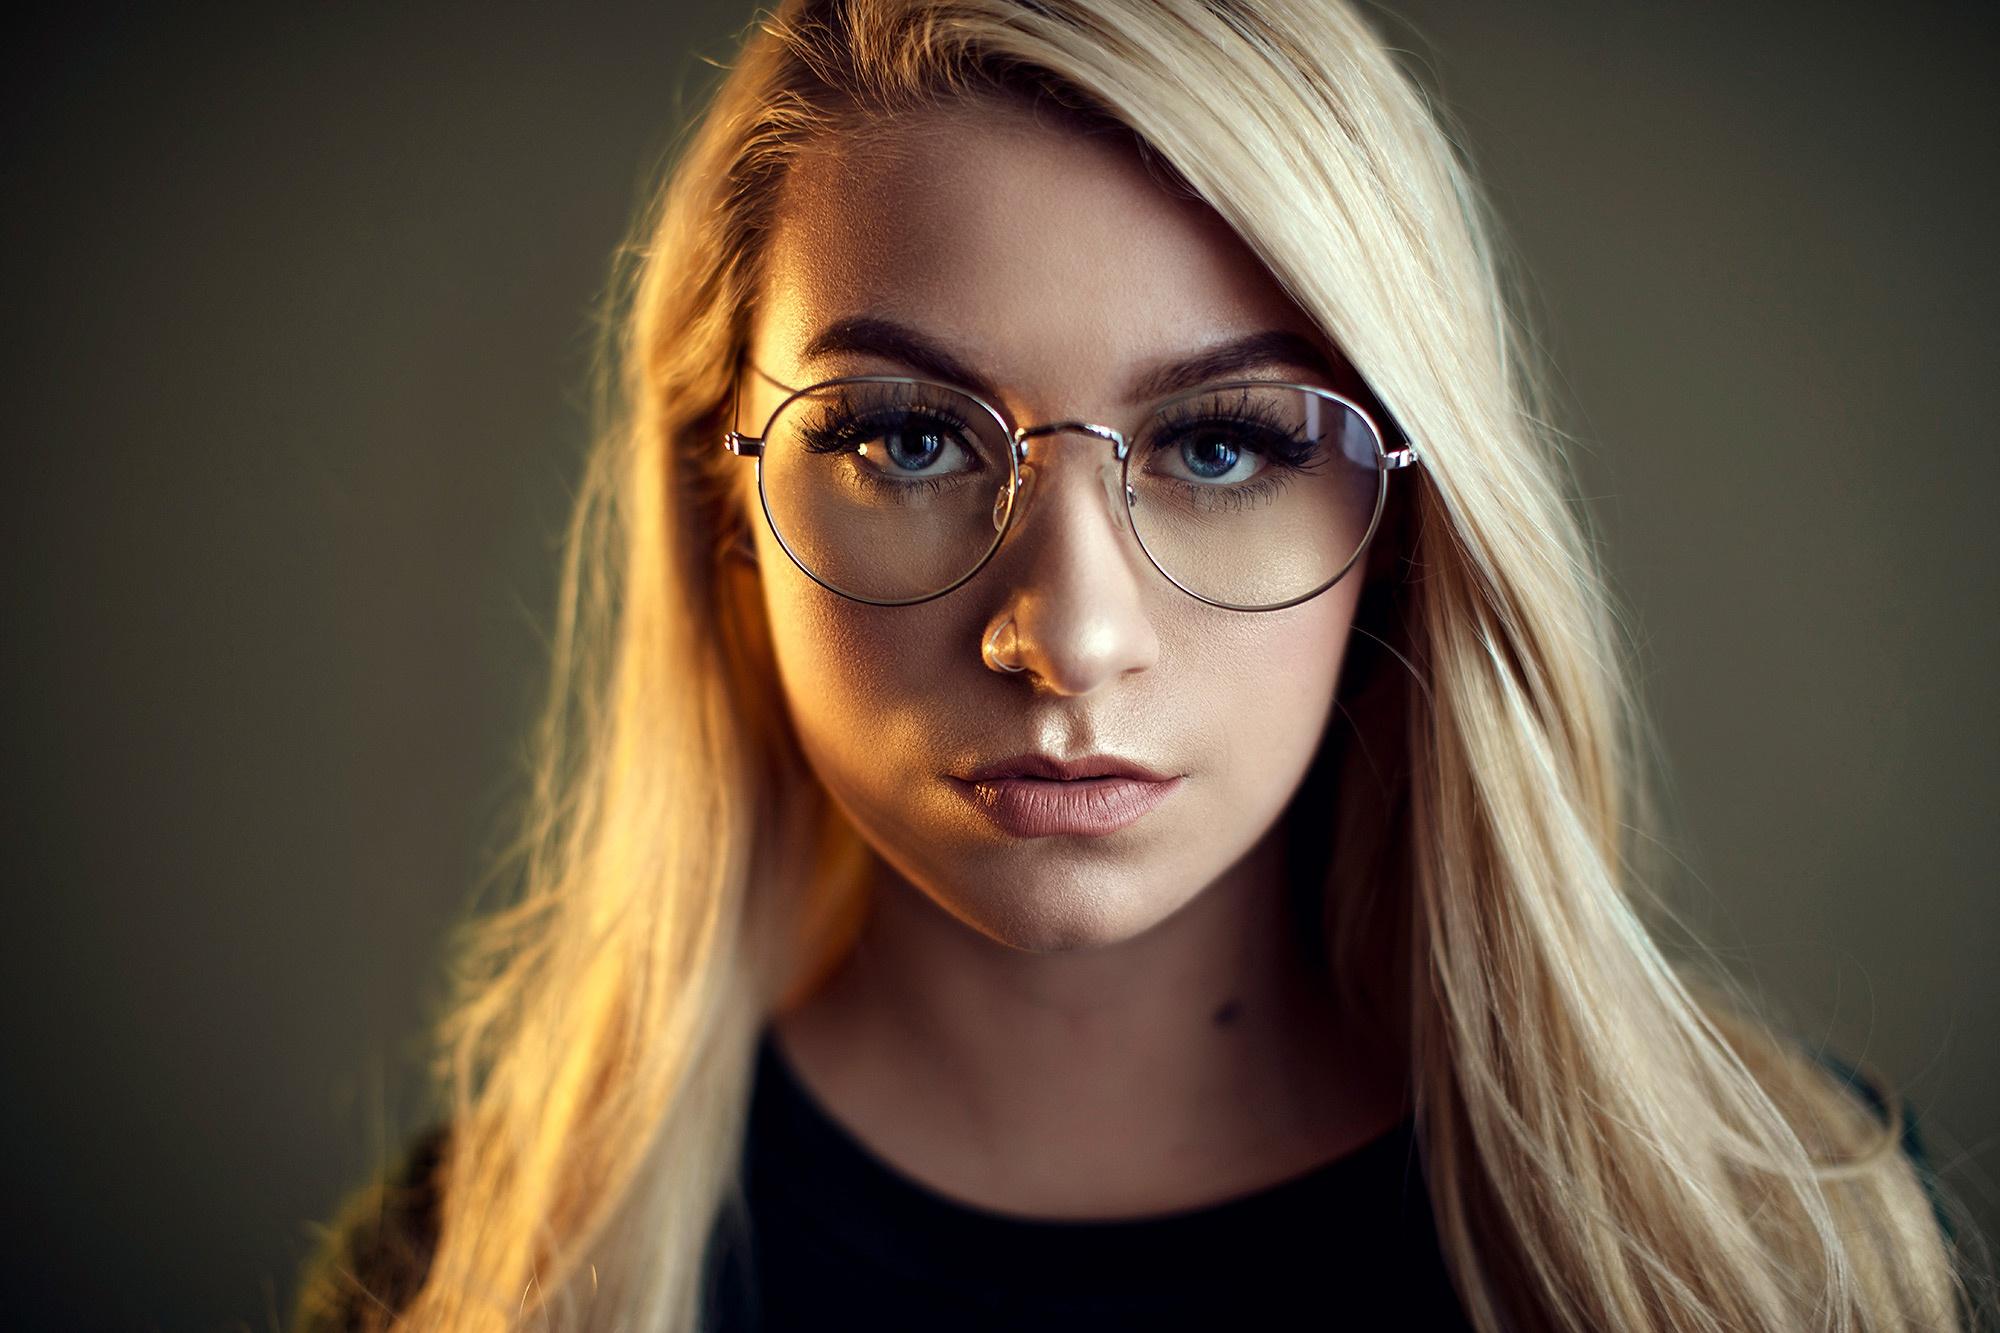 Что стоит учитывать при нанесении макияжа для тех, кто носит очки